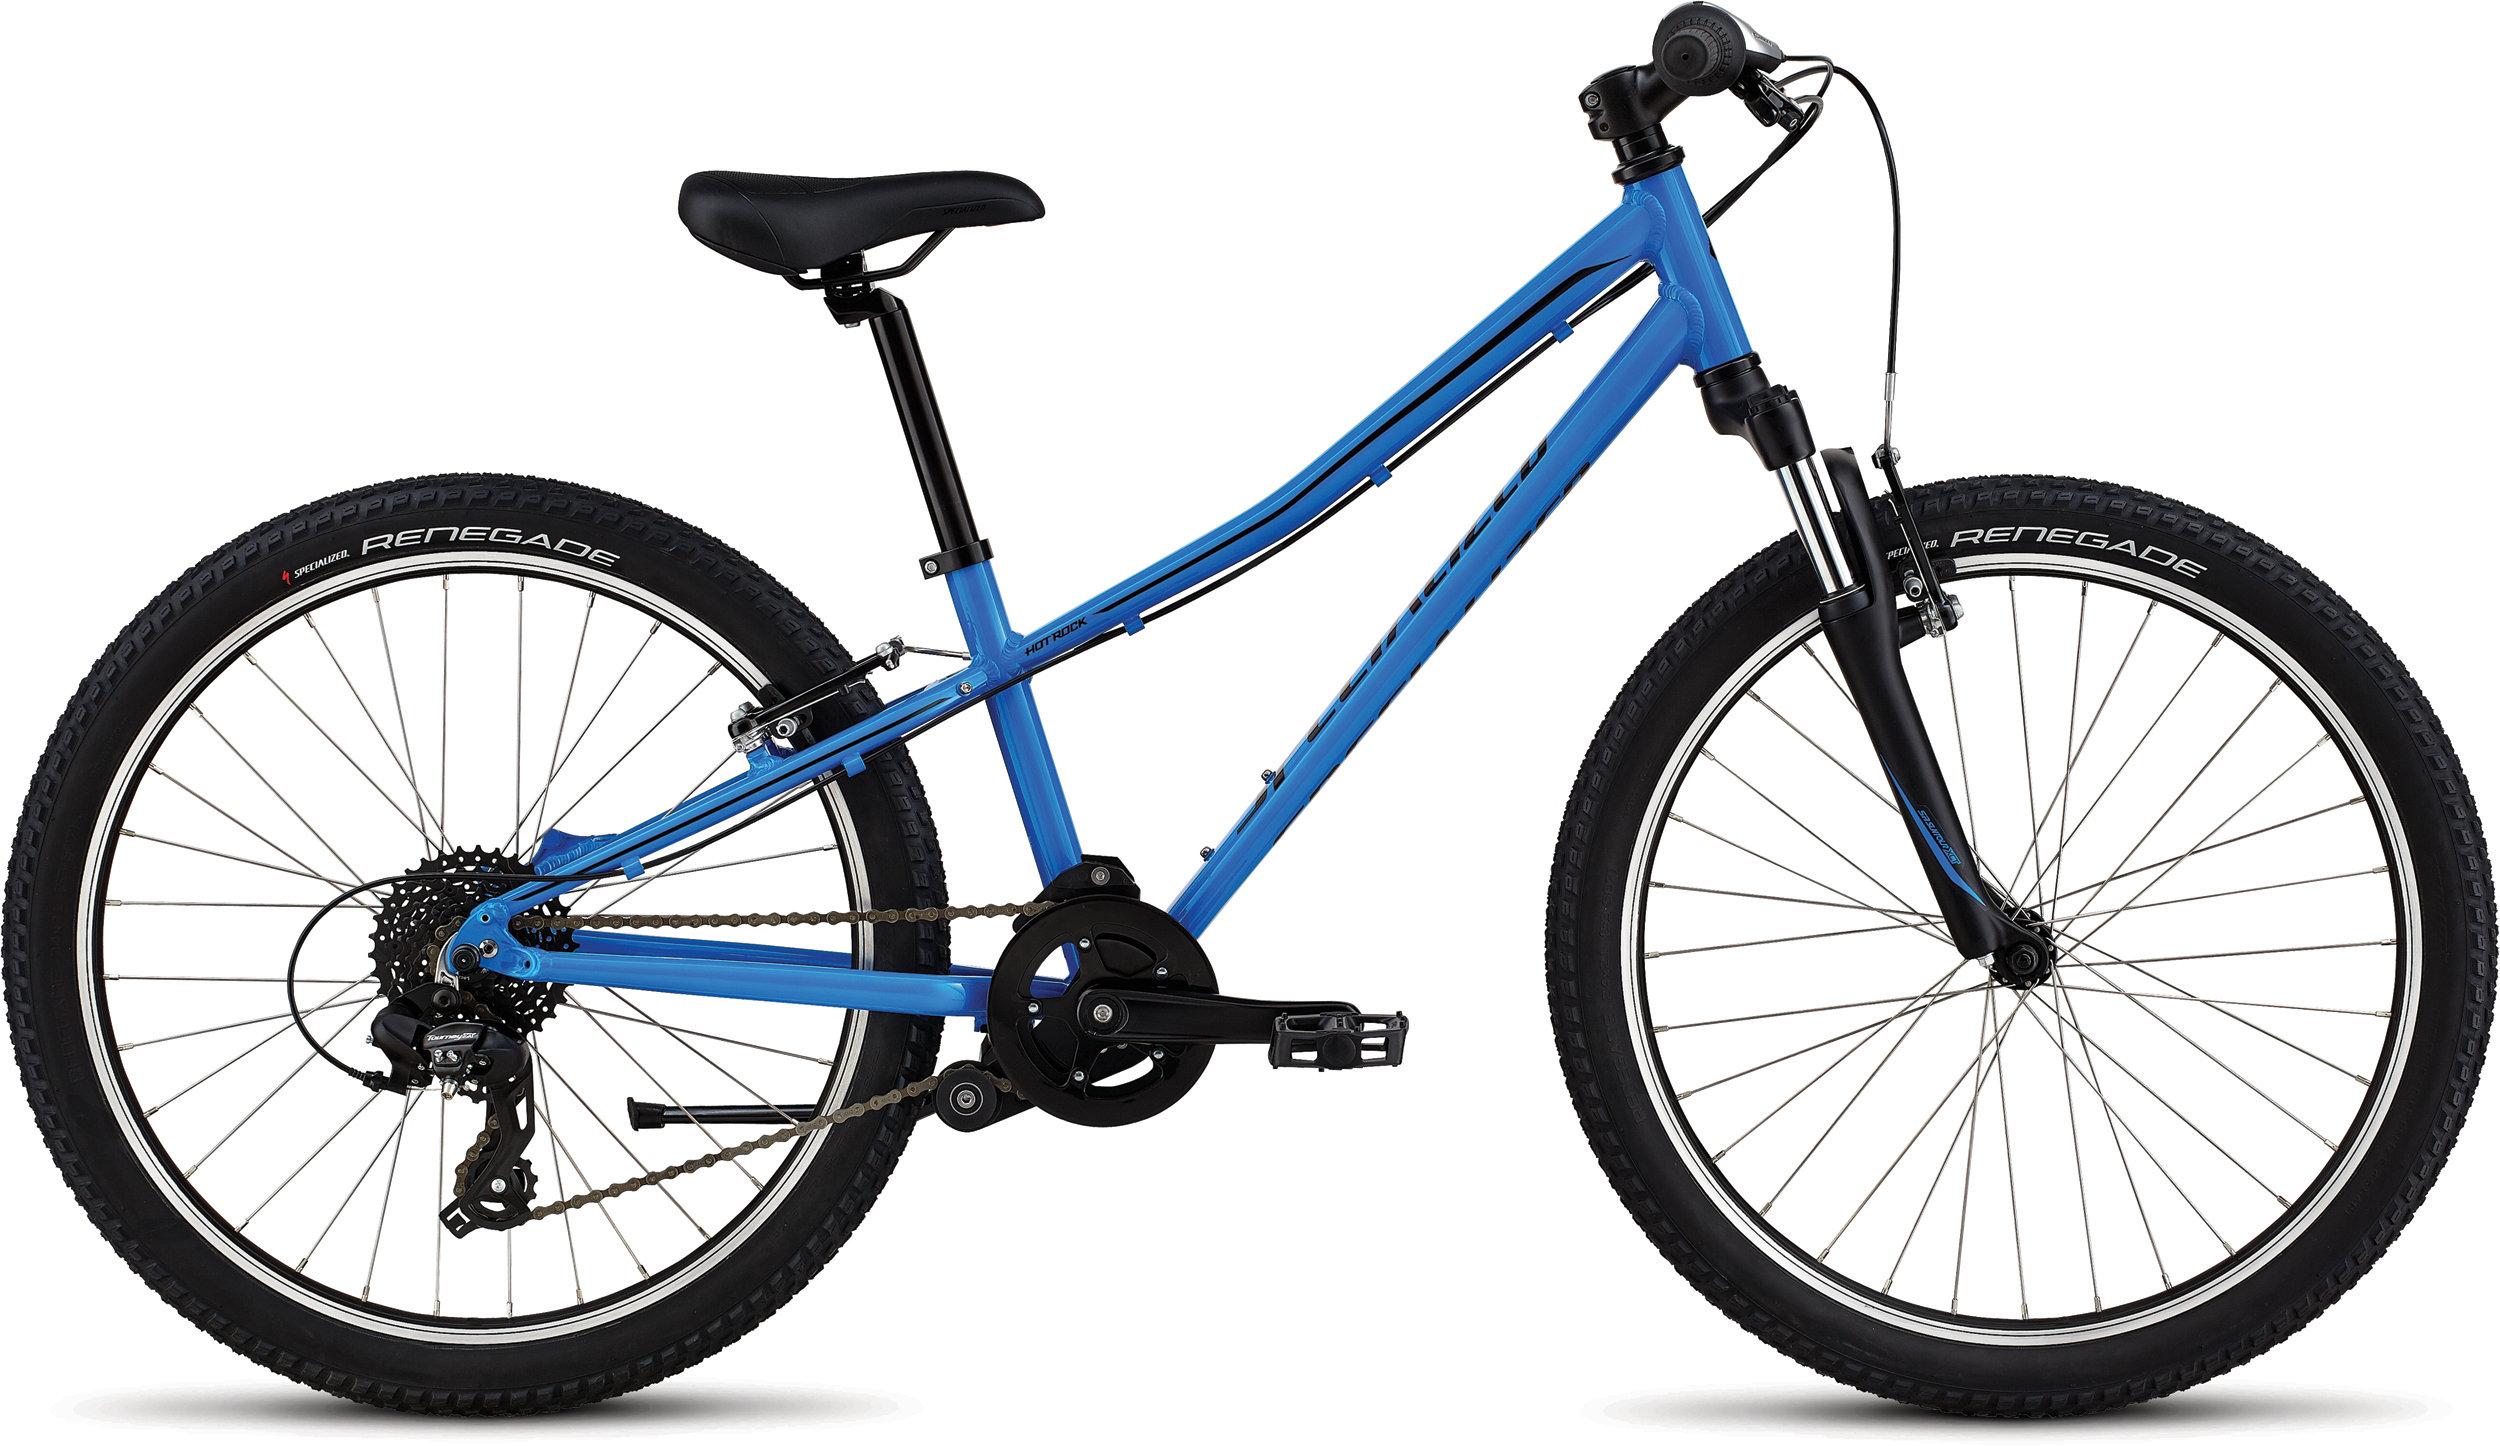 Specialized Hotrock 24 Neon Blue/Black 11 - Fahrrad online kaufen | Online Shop Bike Profis